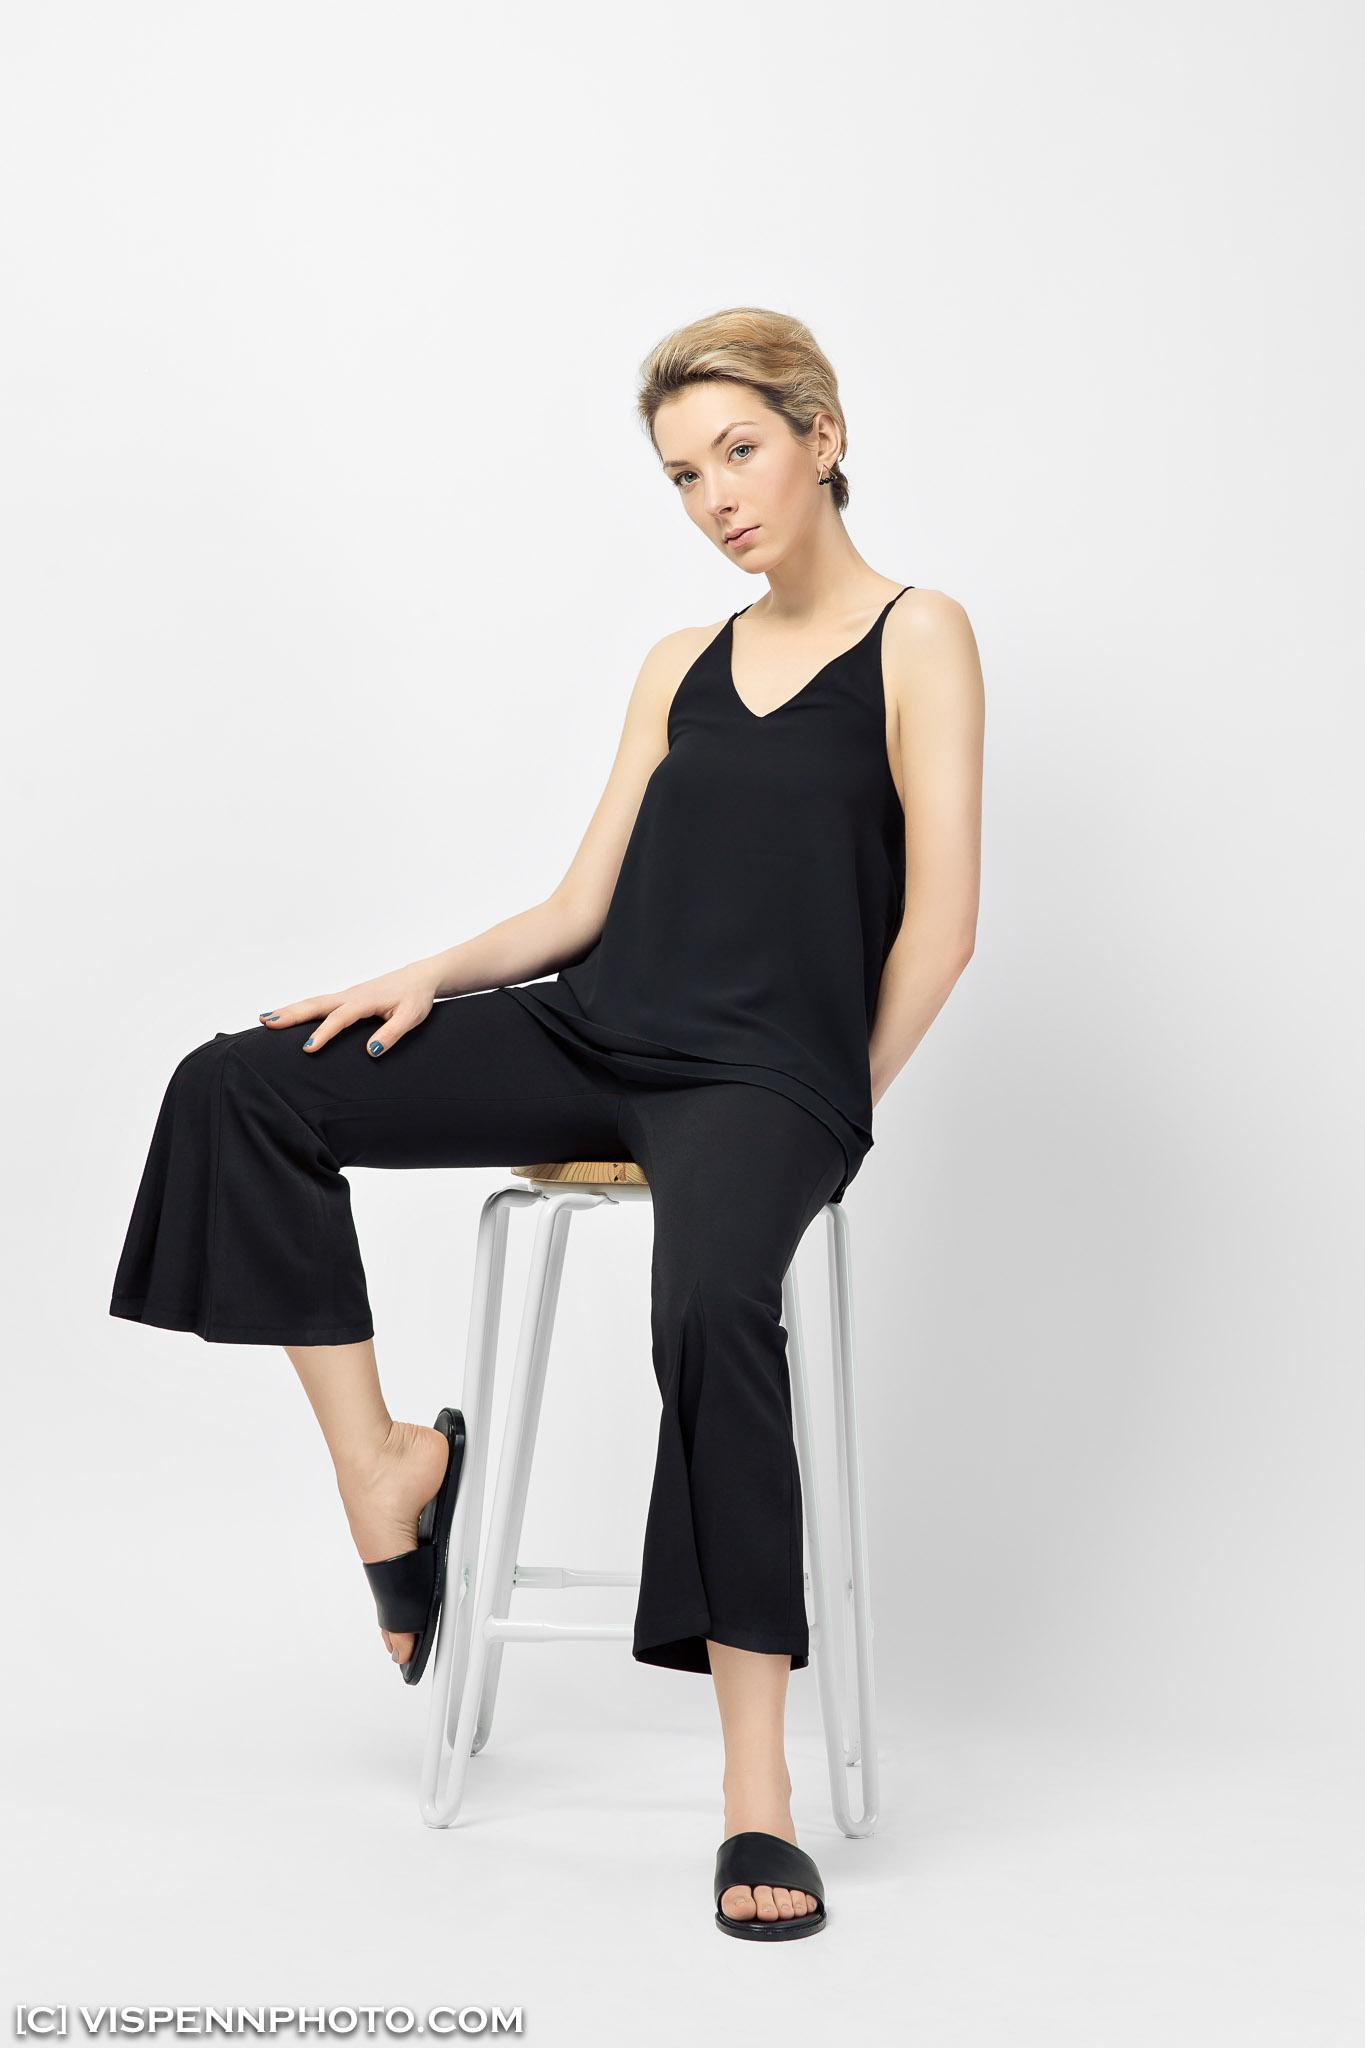 Melbourne Fashion Portrait Commercial Photography VISPENN 墨尔本 服装 商业 人像 摄影 5D1 9757